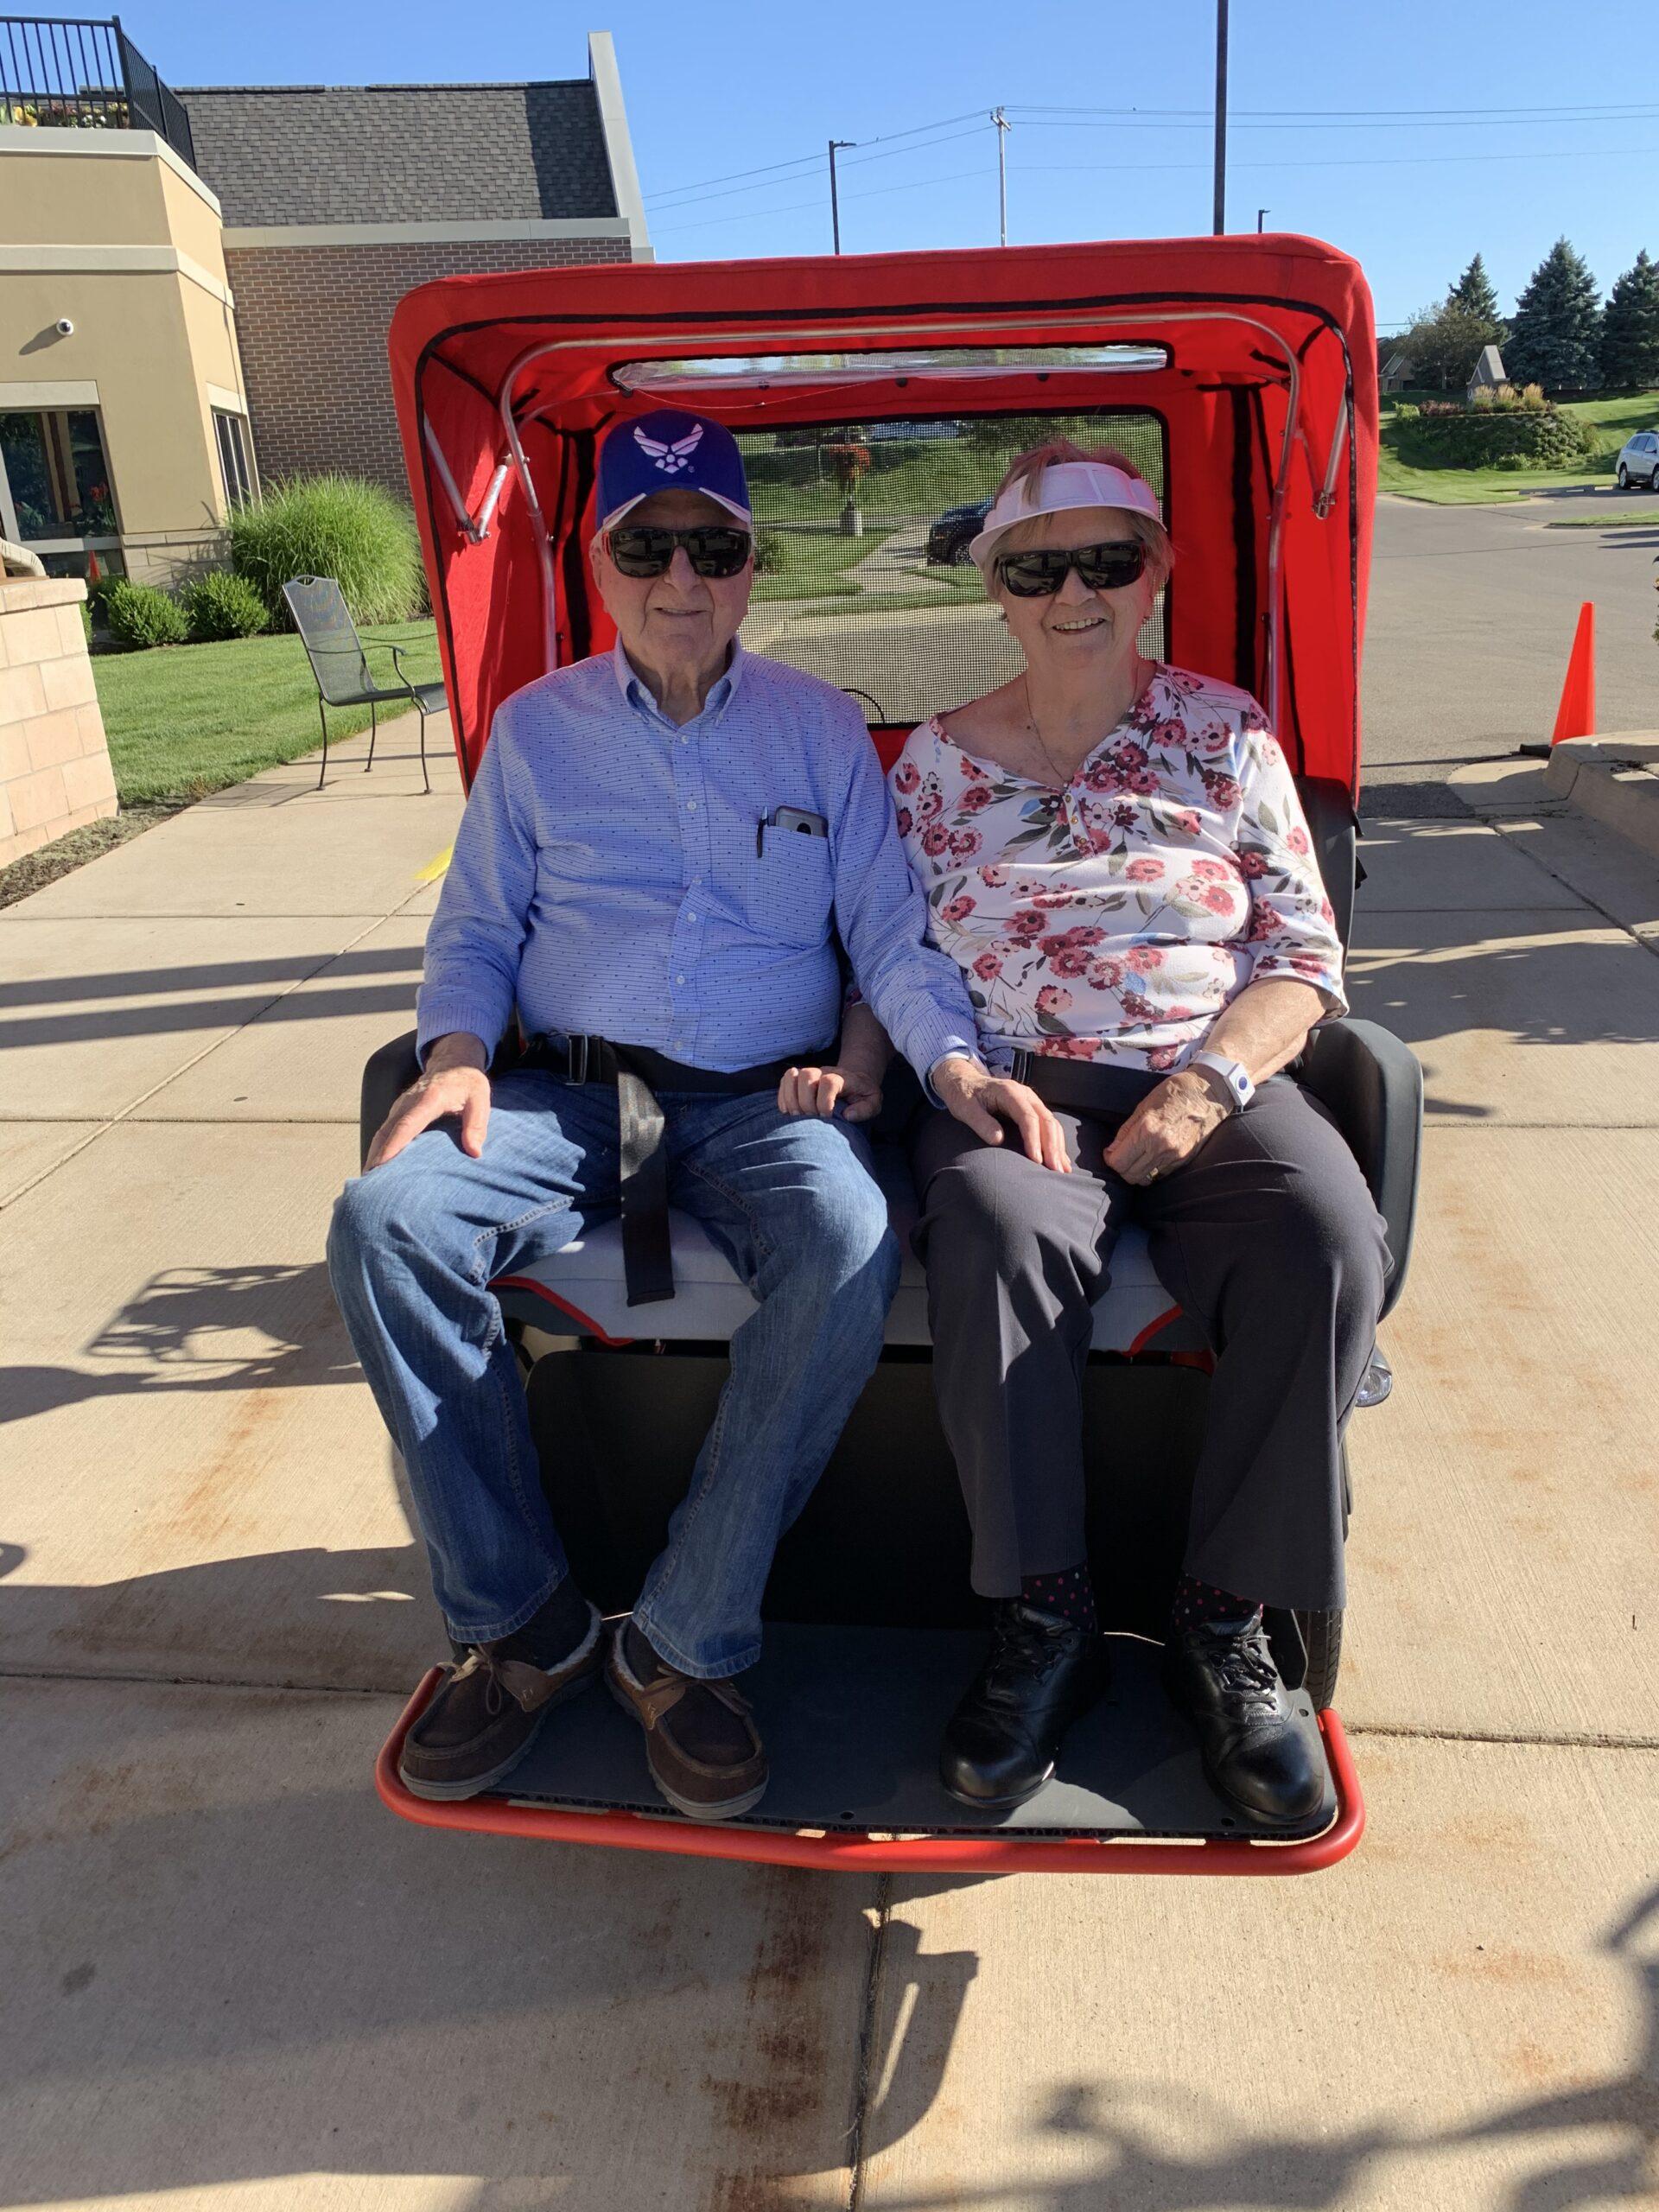 senior couple enjoying a ride in a three-wheeled trishaw